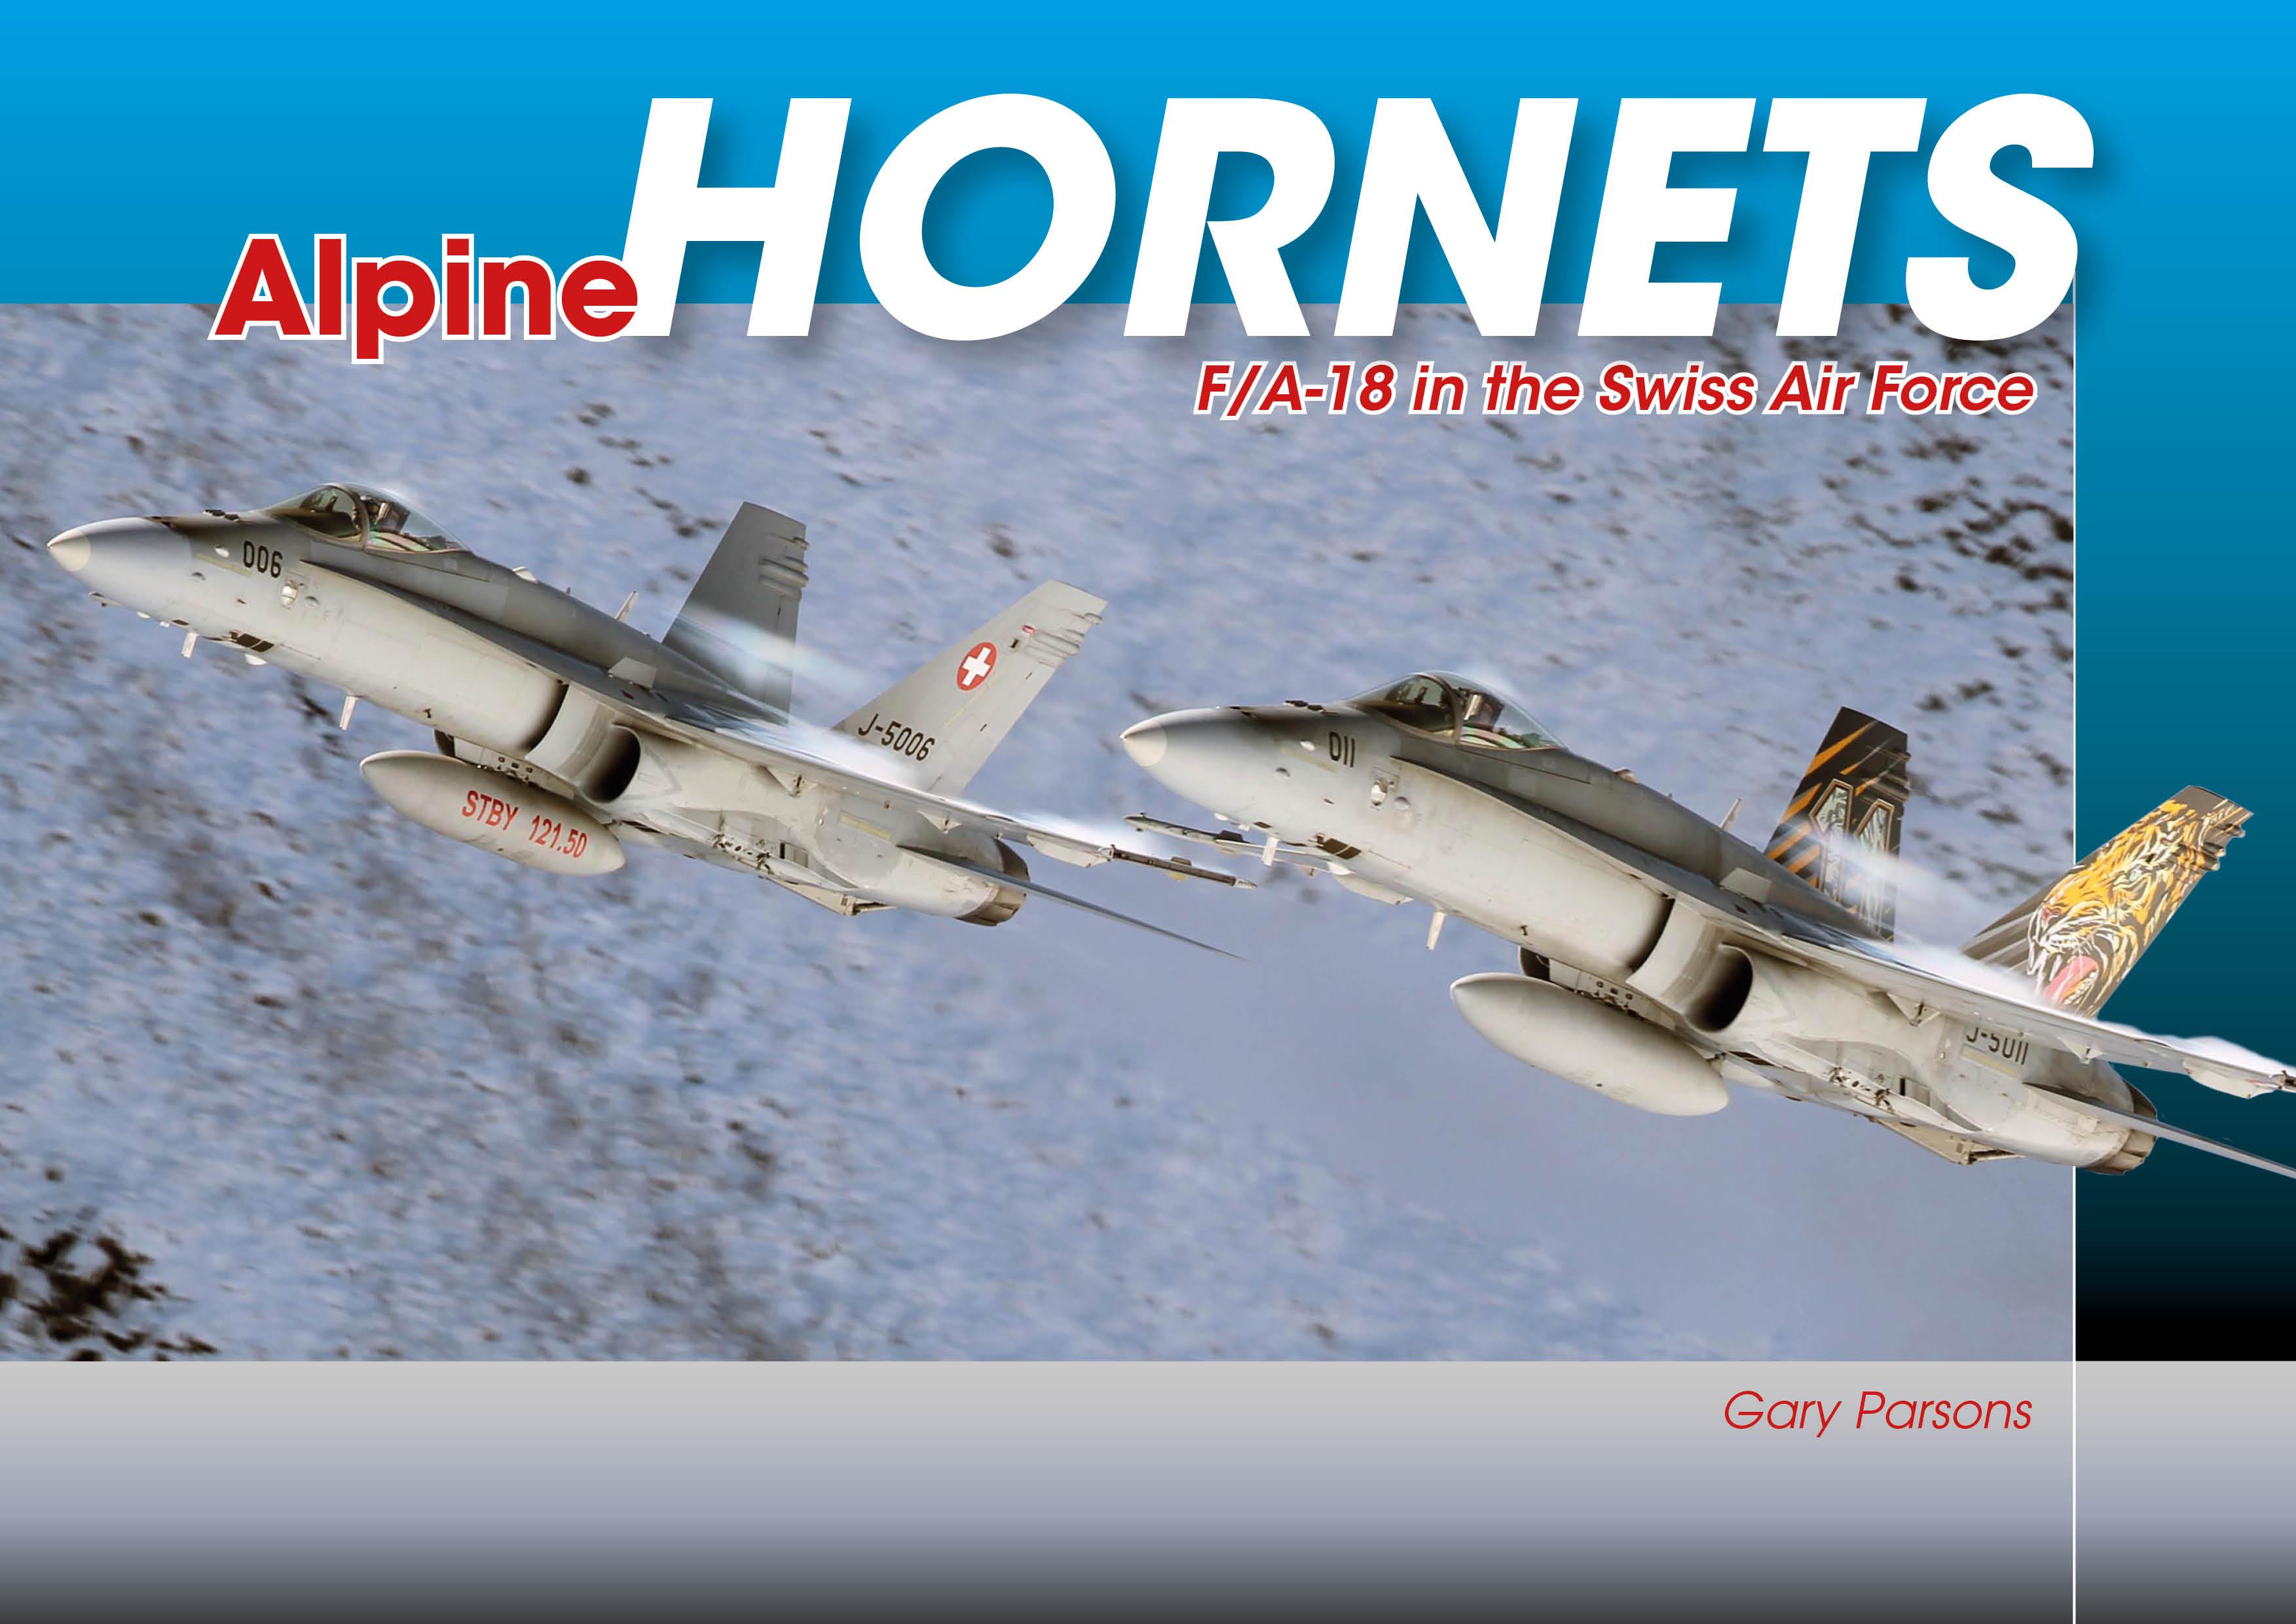 CVR TPAv002 Alpine Hornets